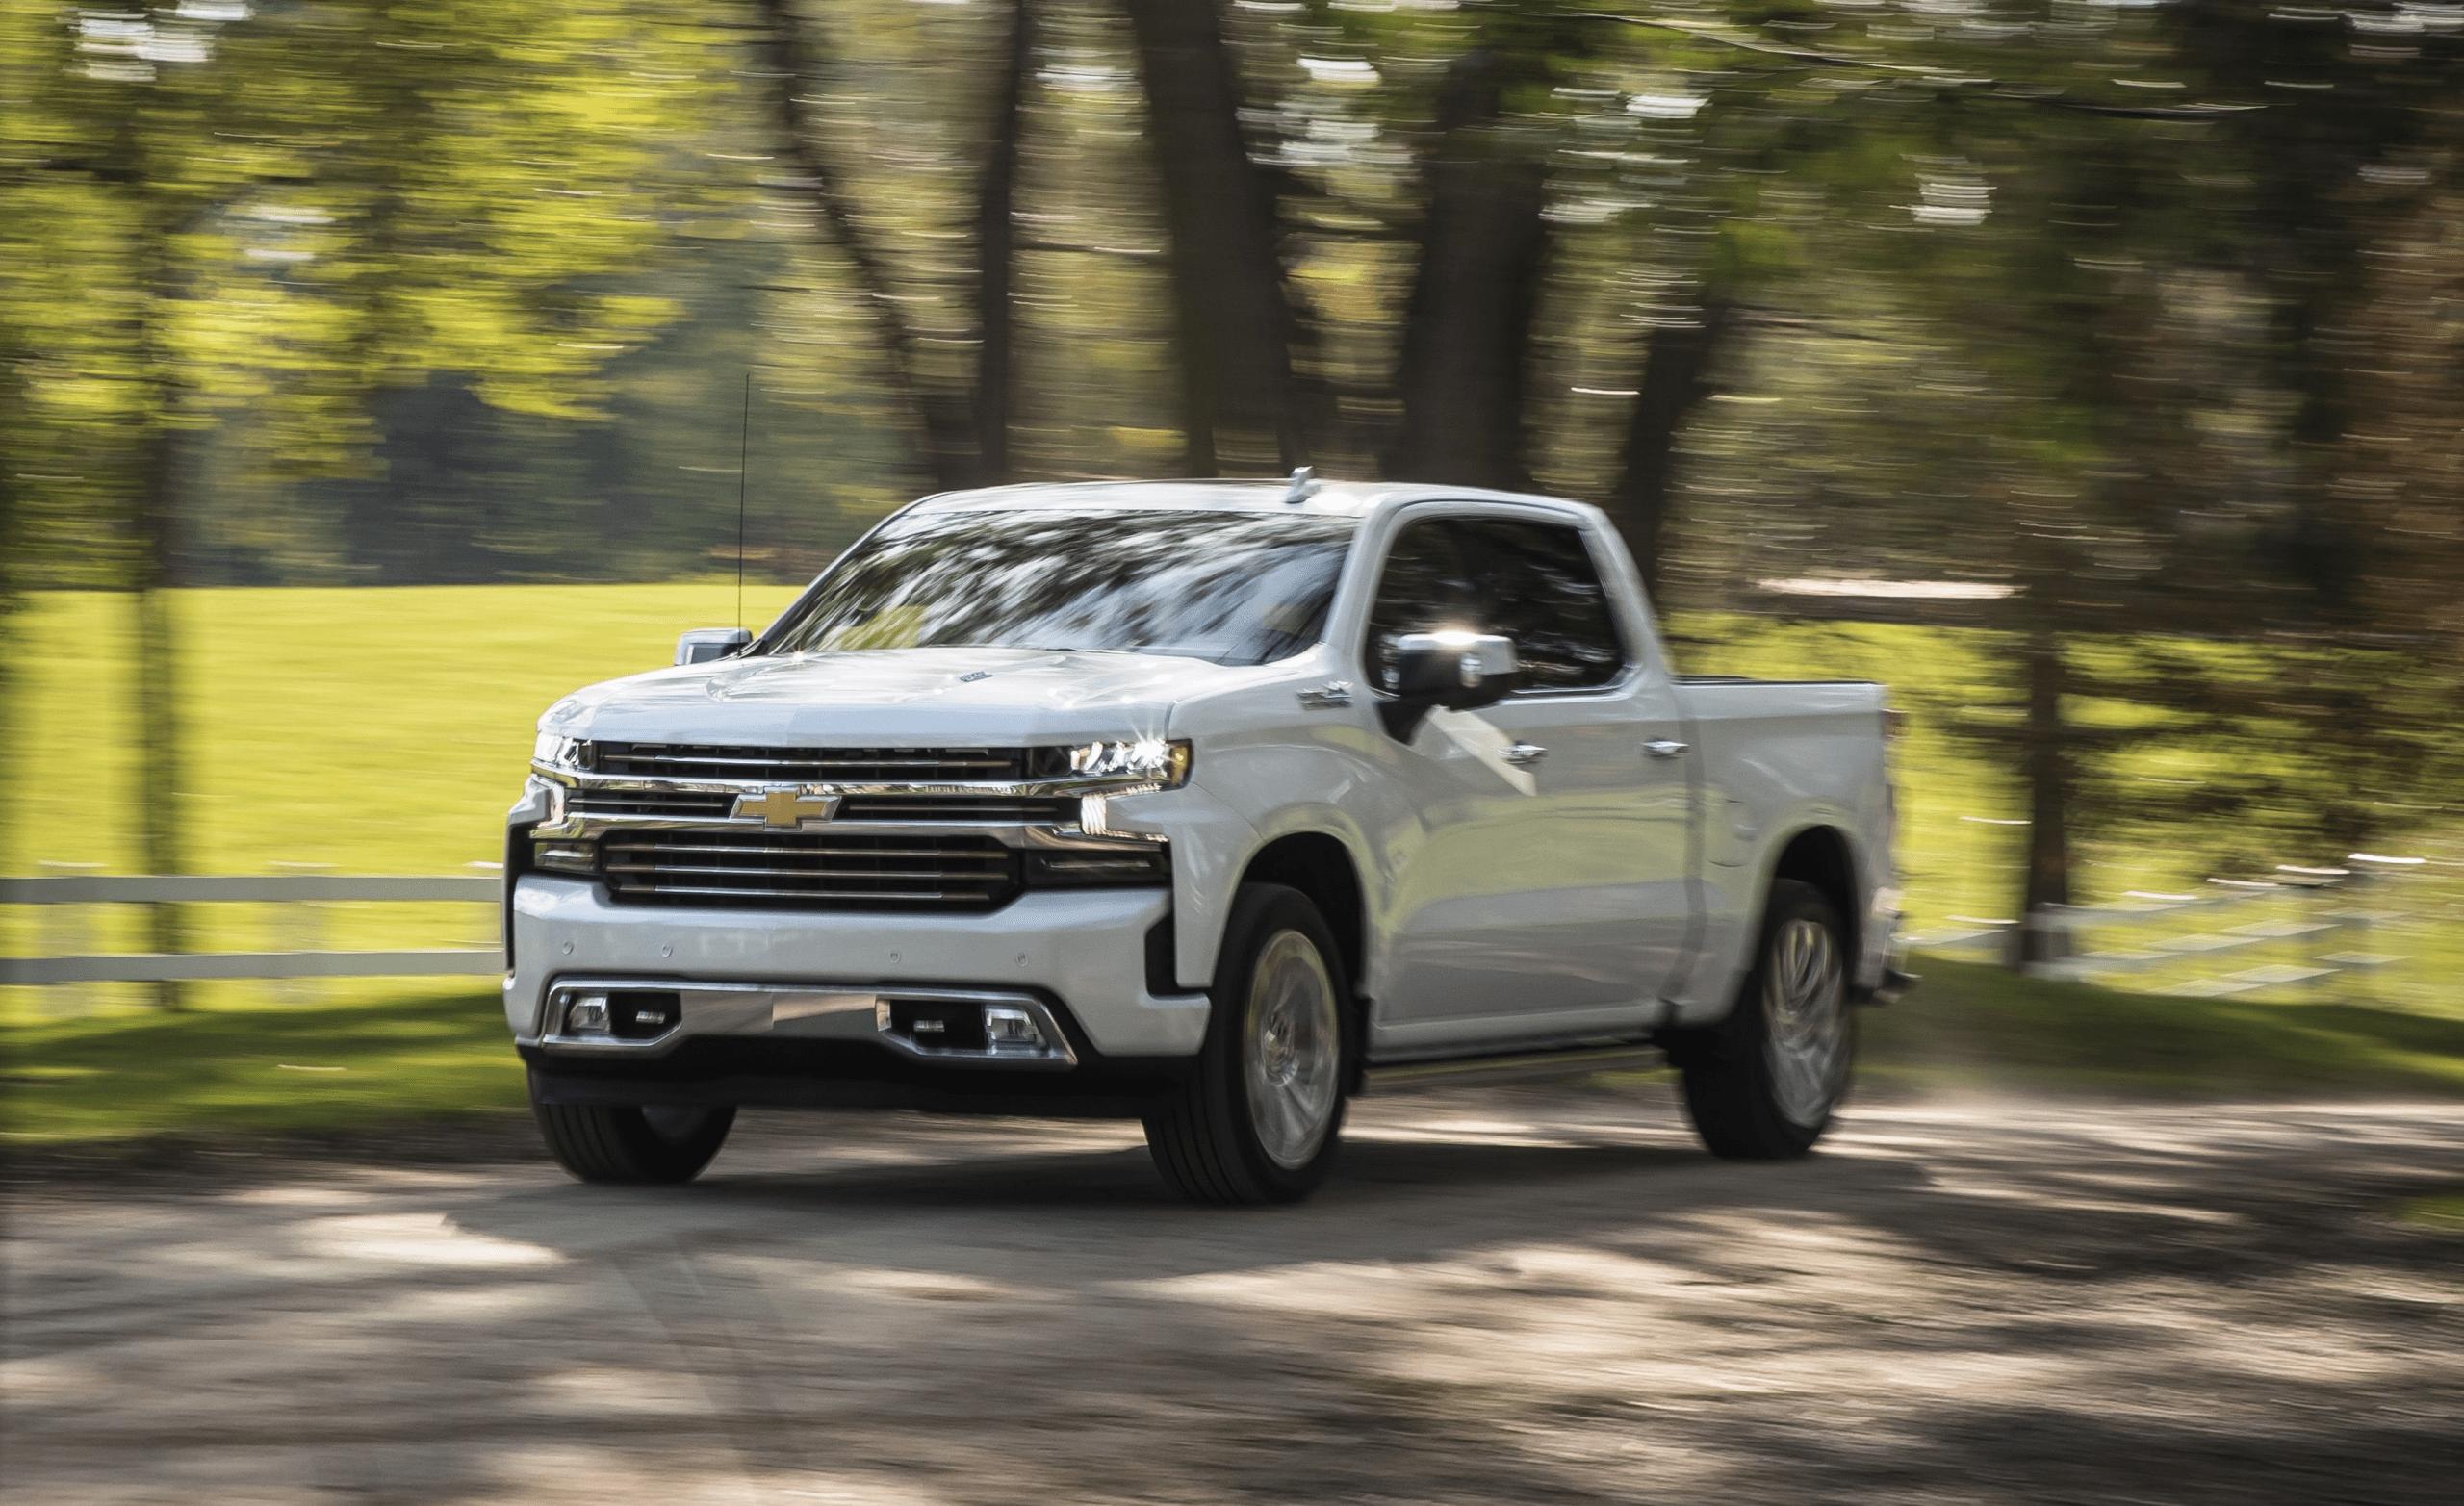 2021 Chevrolet Colorado Redesign In 2020 Chevrolet Silverado